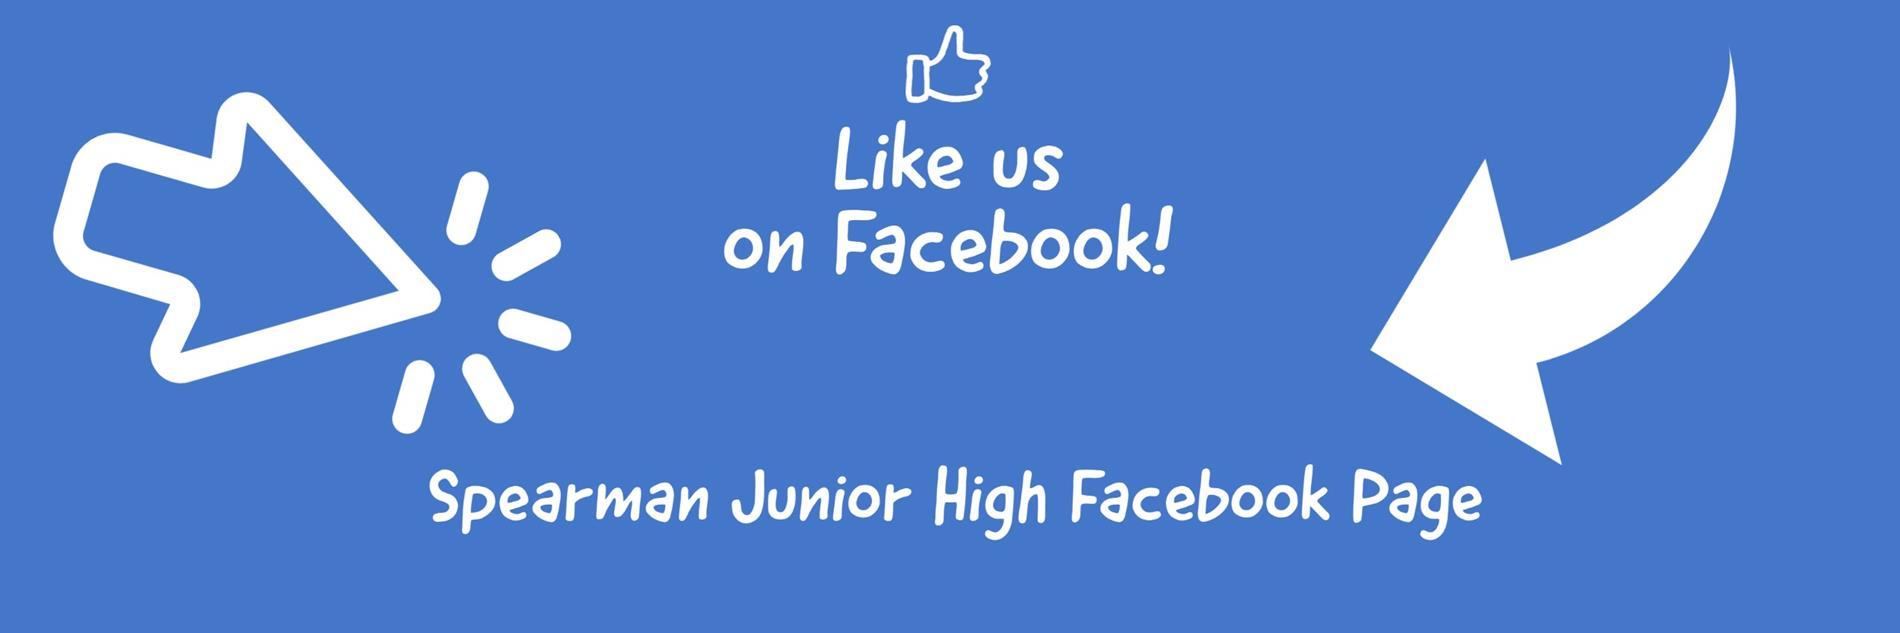 Jr Facebook pic